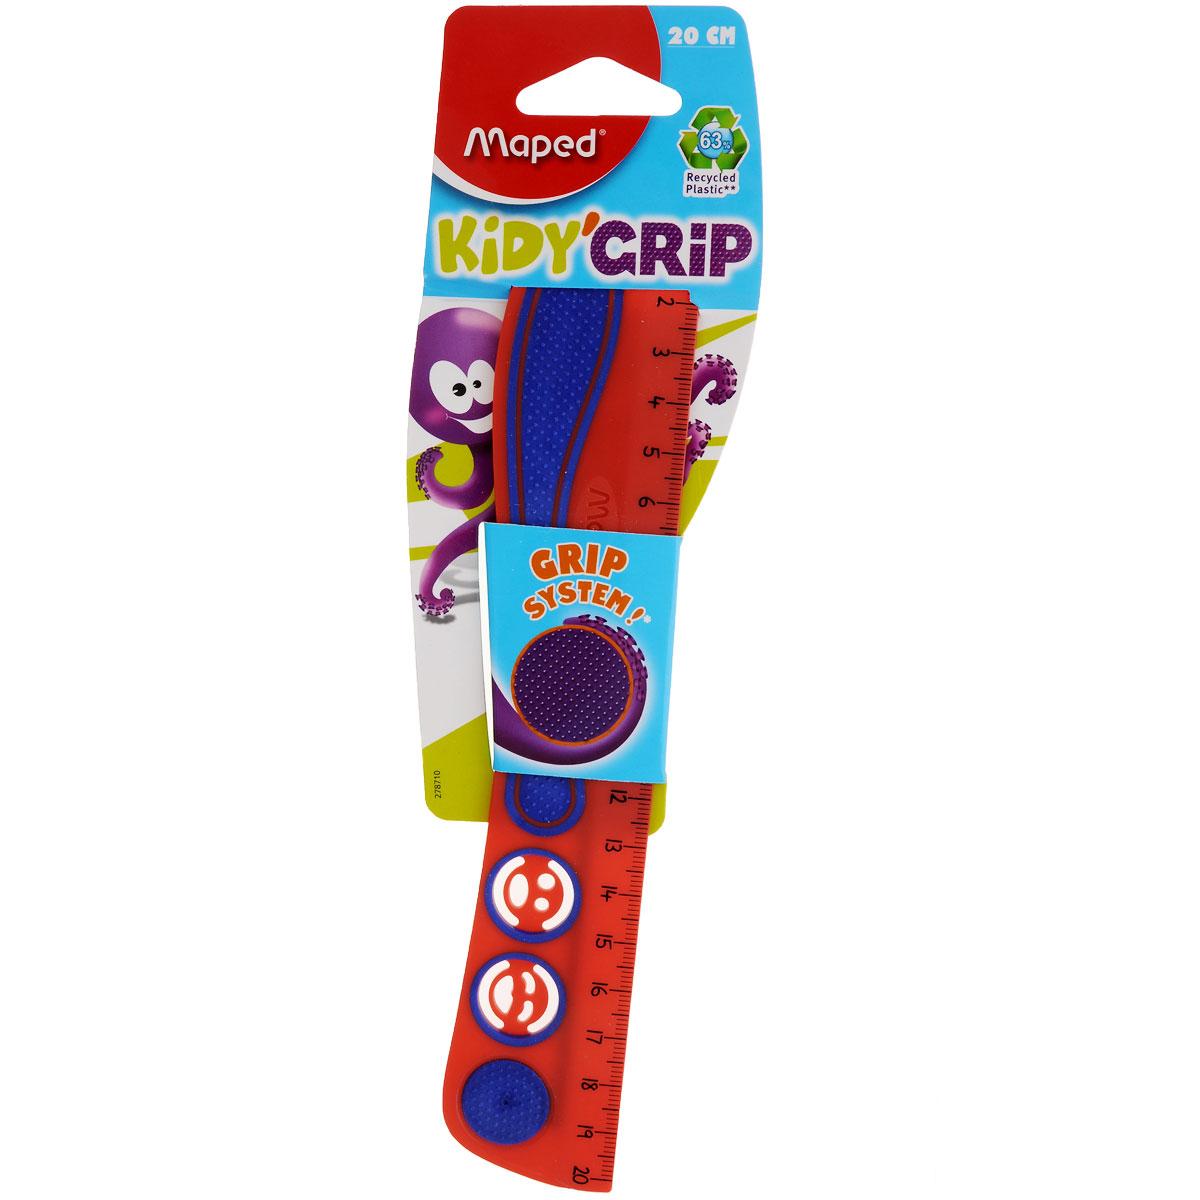 Линейка Maped Кidi Grip, нескользящая, 20 см, цвет: красный, фиолетовый278710_красныйЛинейка Maped Кidi Grip удобна в использовании благодаря резиновой вставке, которая препятствует ее скольжению по бумаге. Необычная линейка длиной 20 см дополнена забавными трафаретами в виде смайликов.